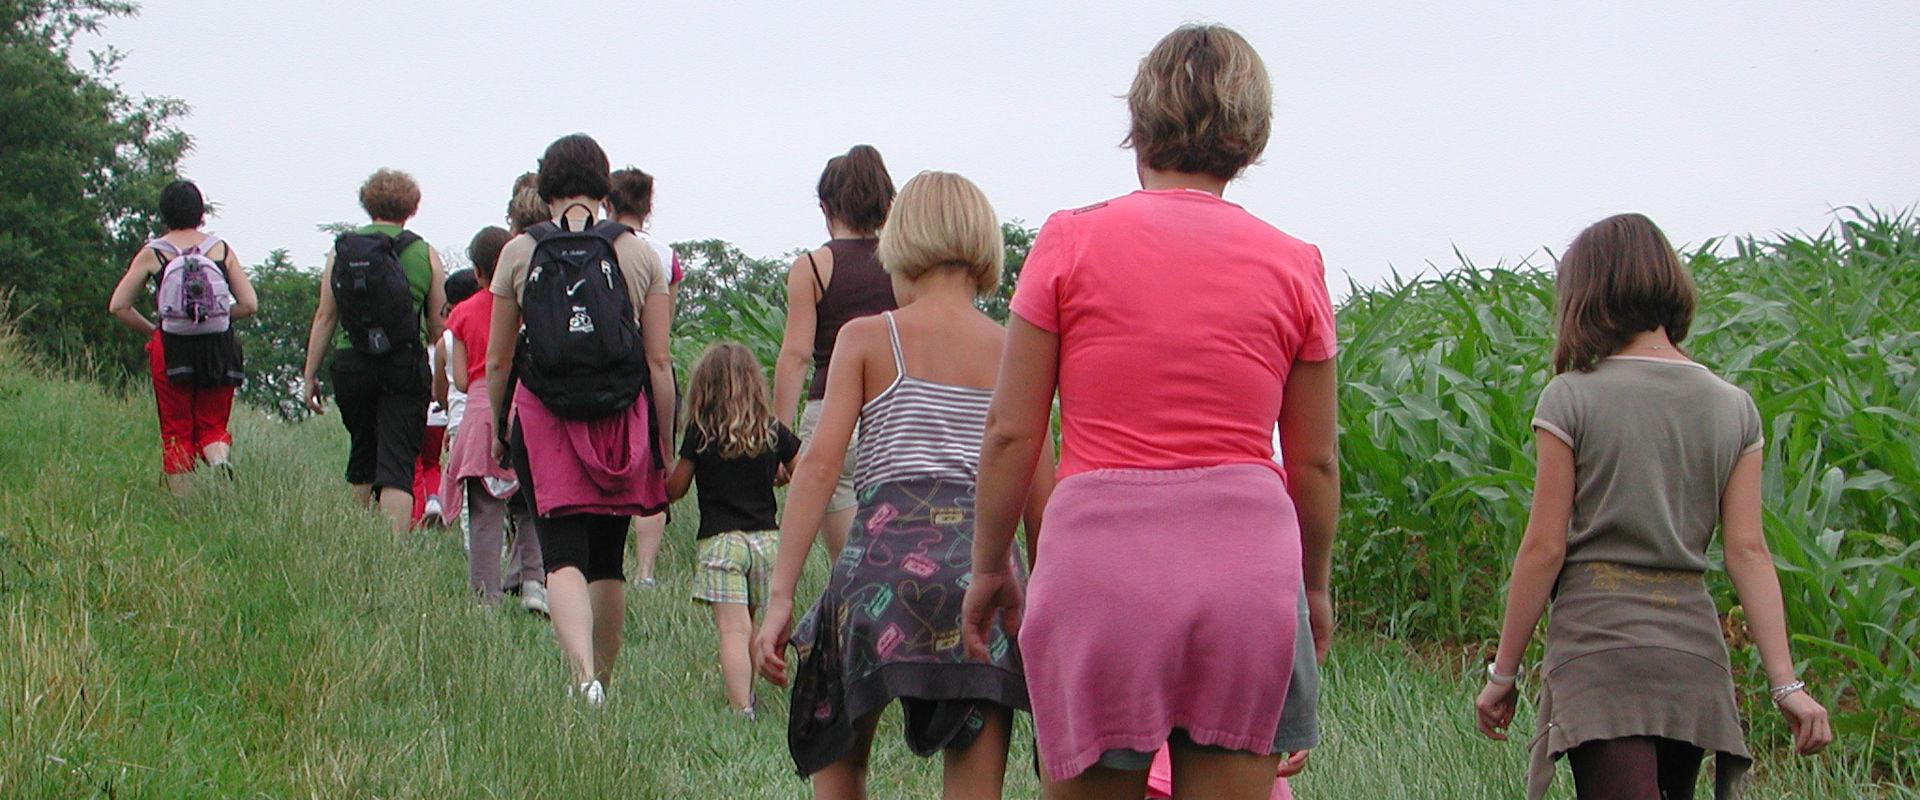 Randonnée à pied en Agenais